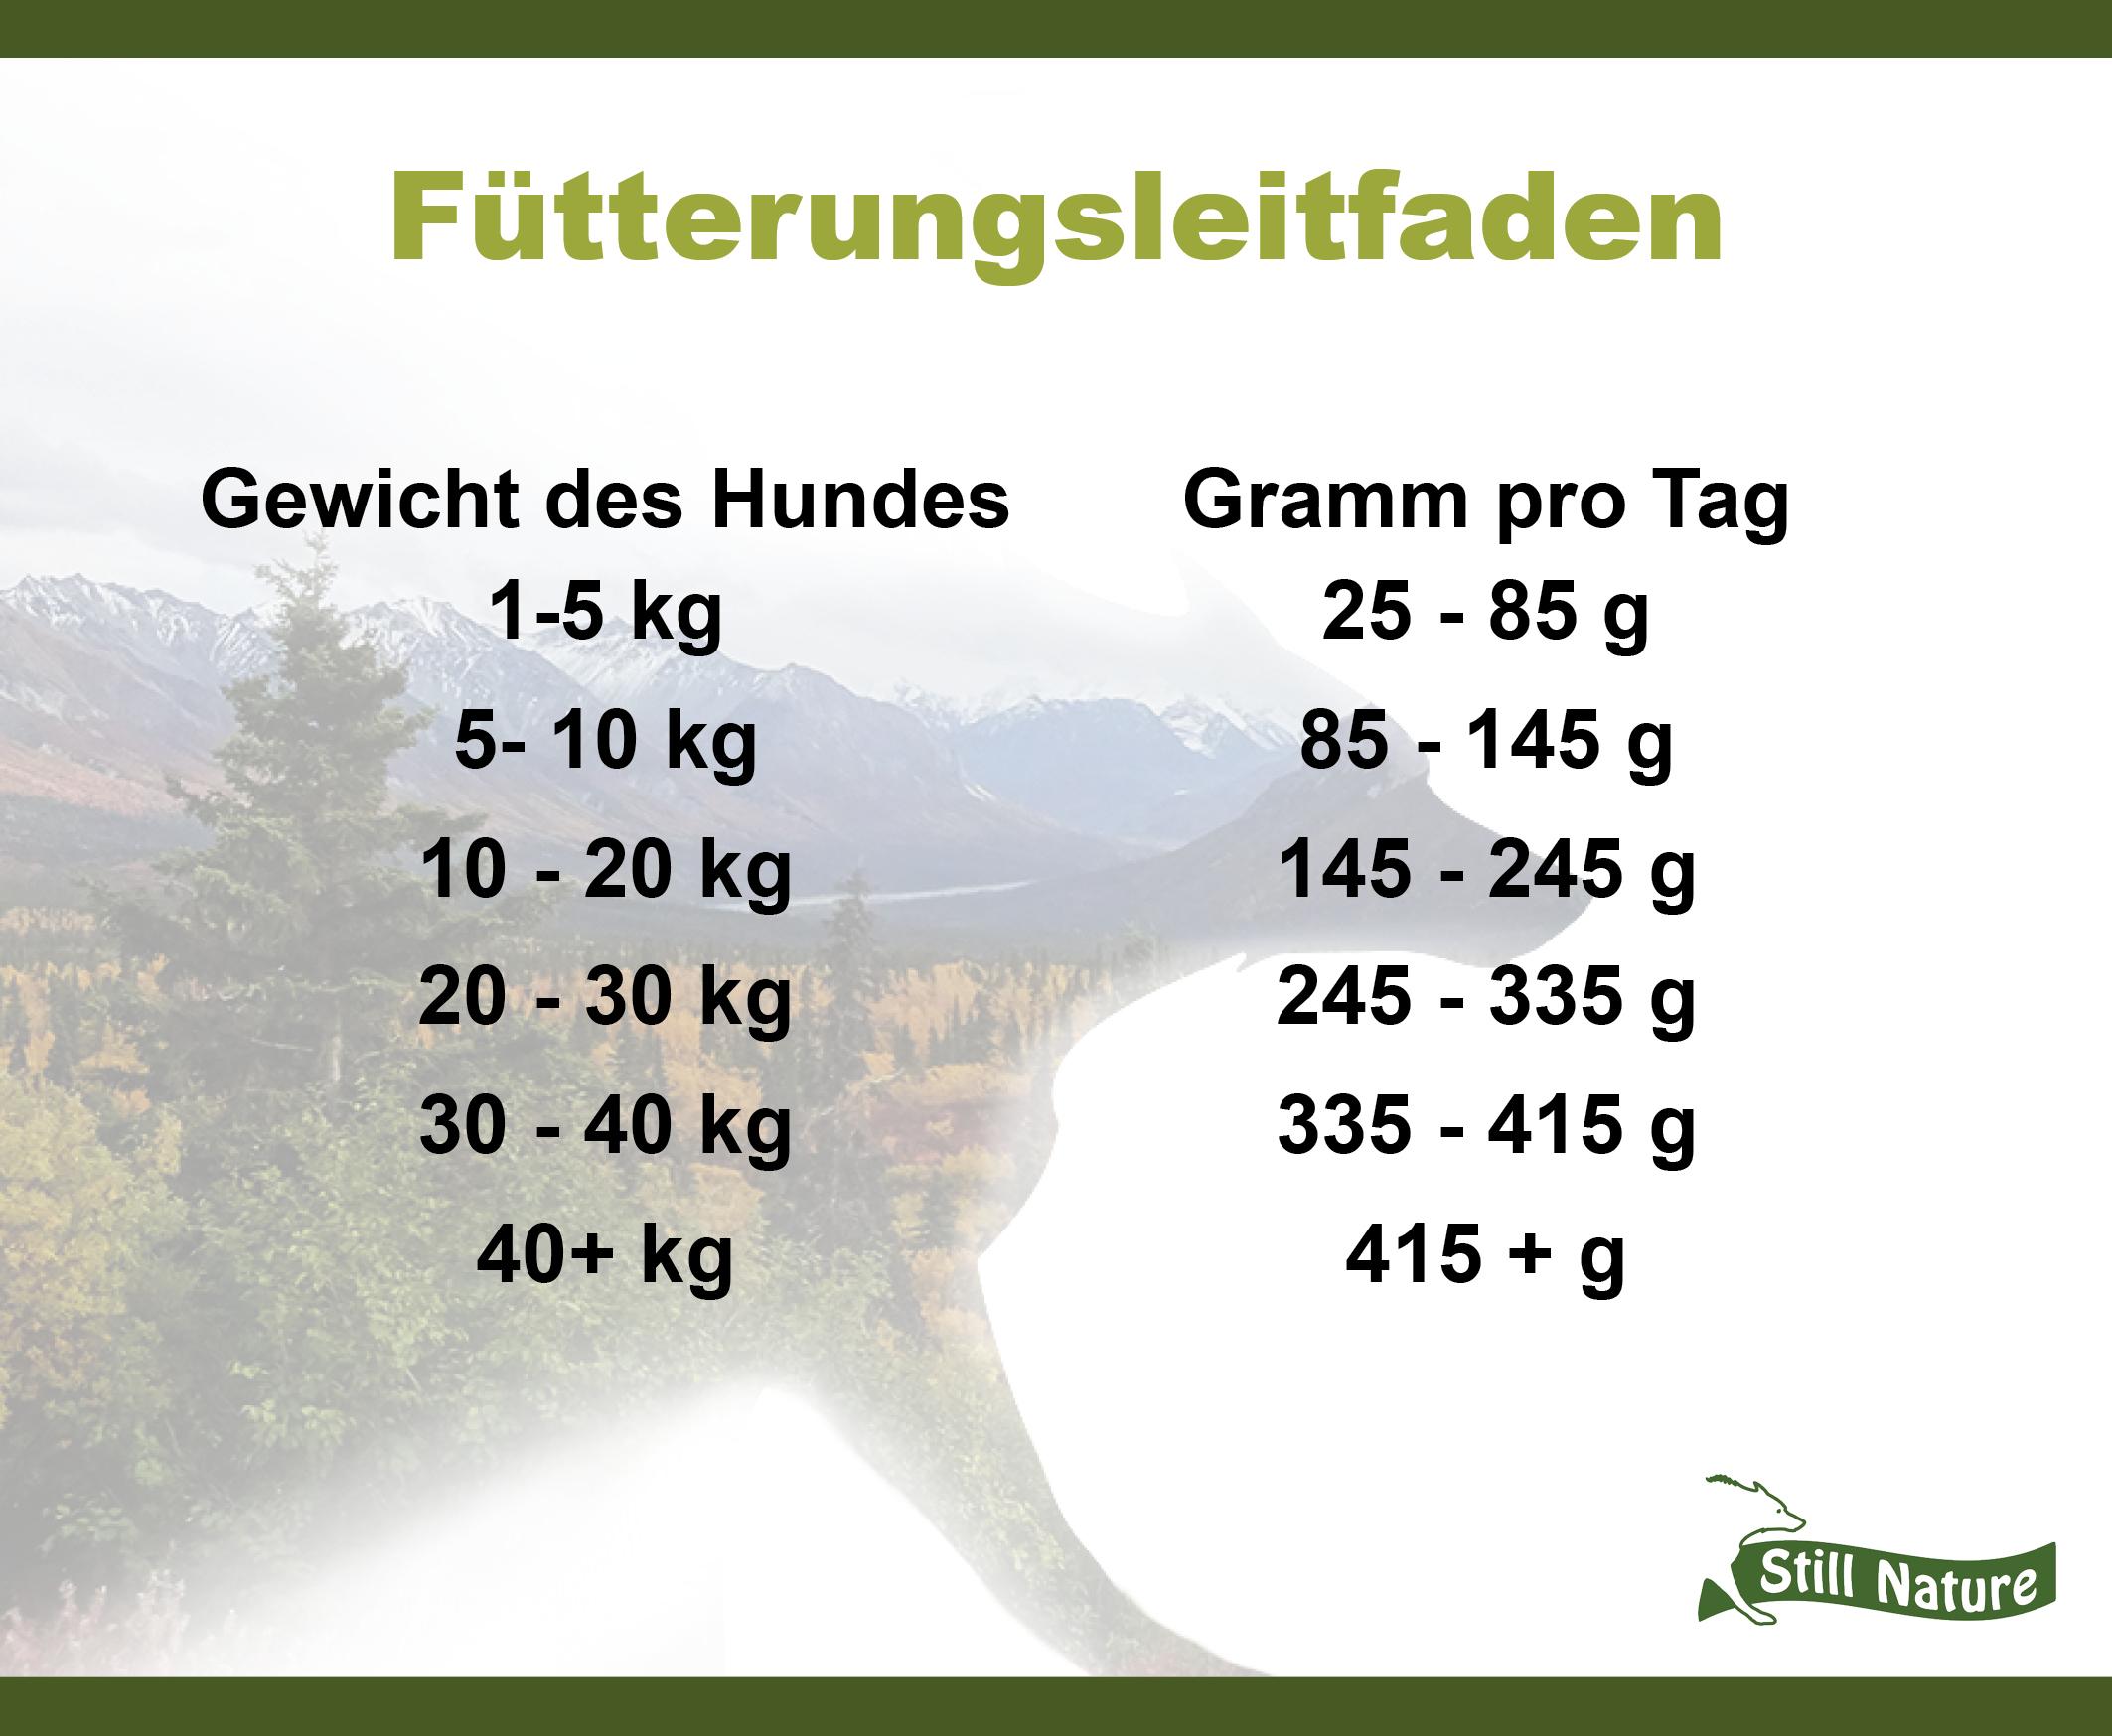 Hier findest du den Fütterungsleitfaden für die Still Nature Pute für Senioren und übergewichtige Hunde.